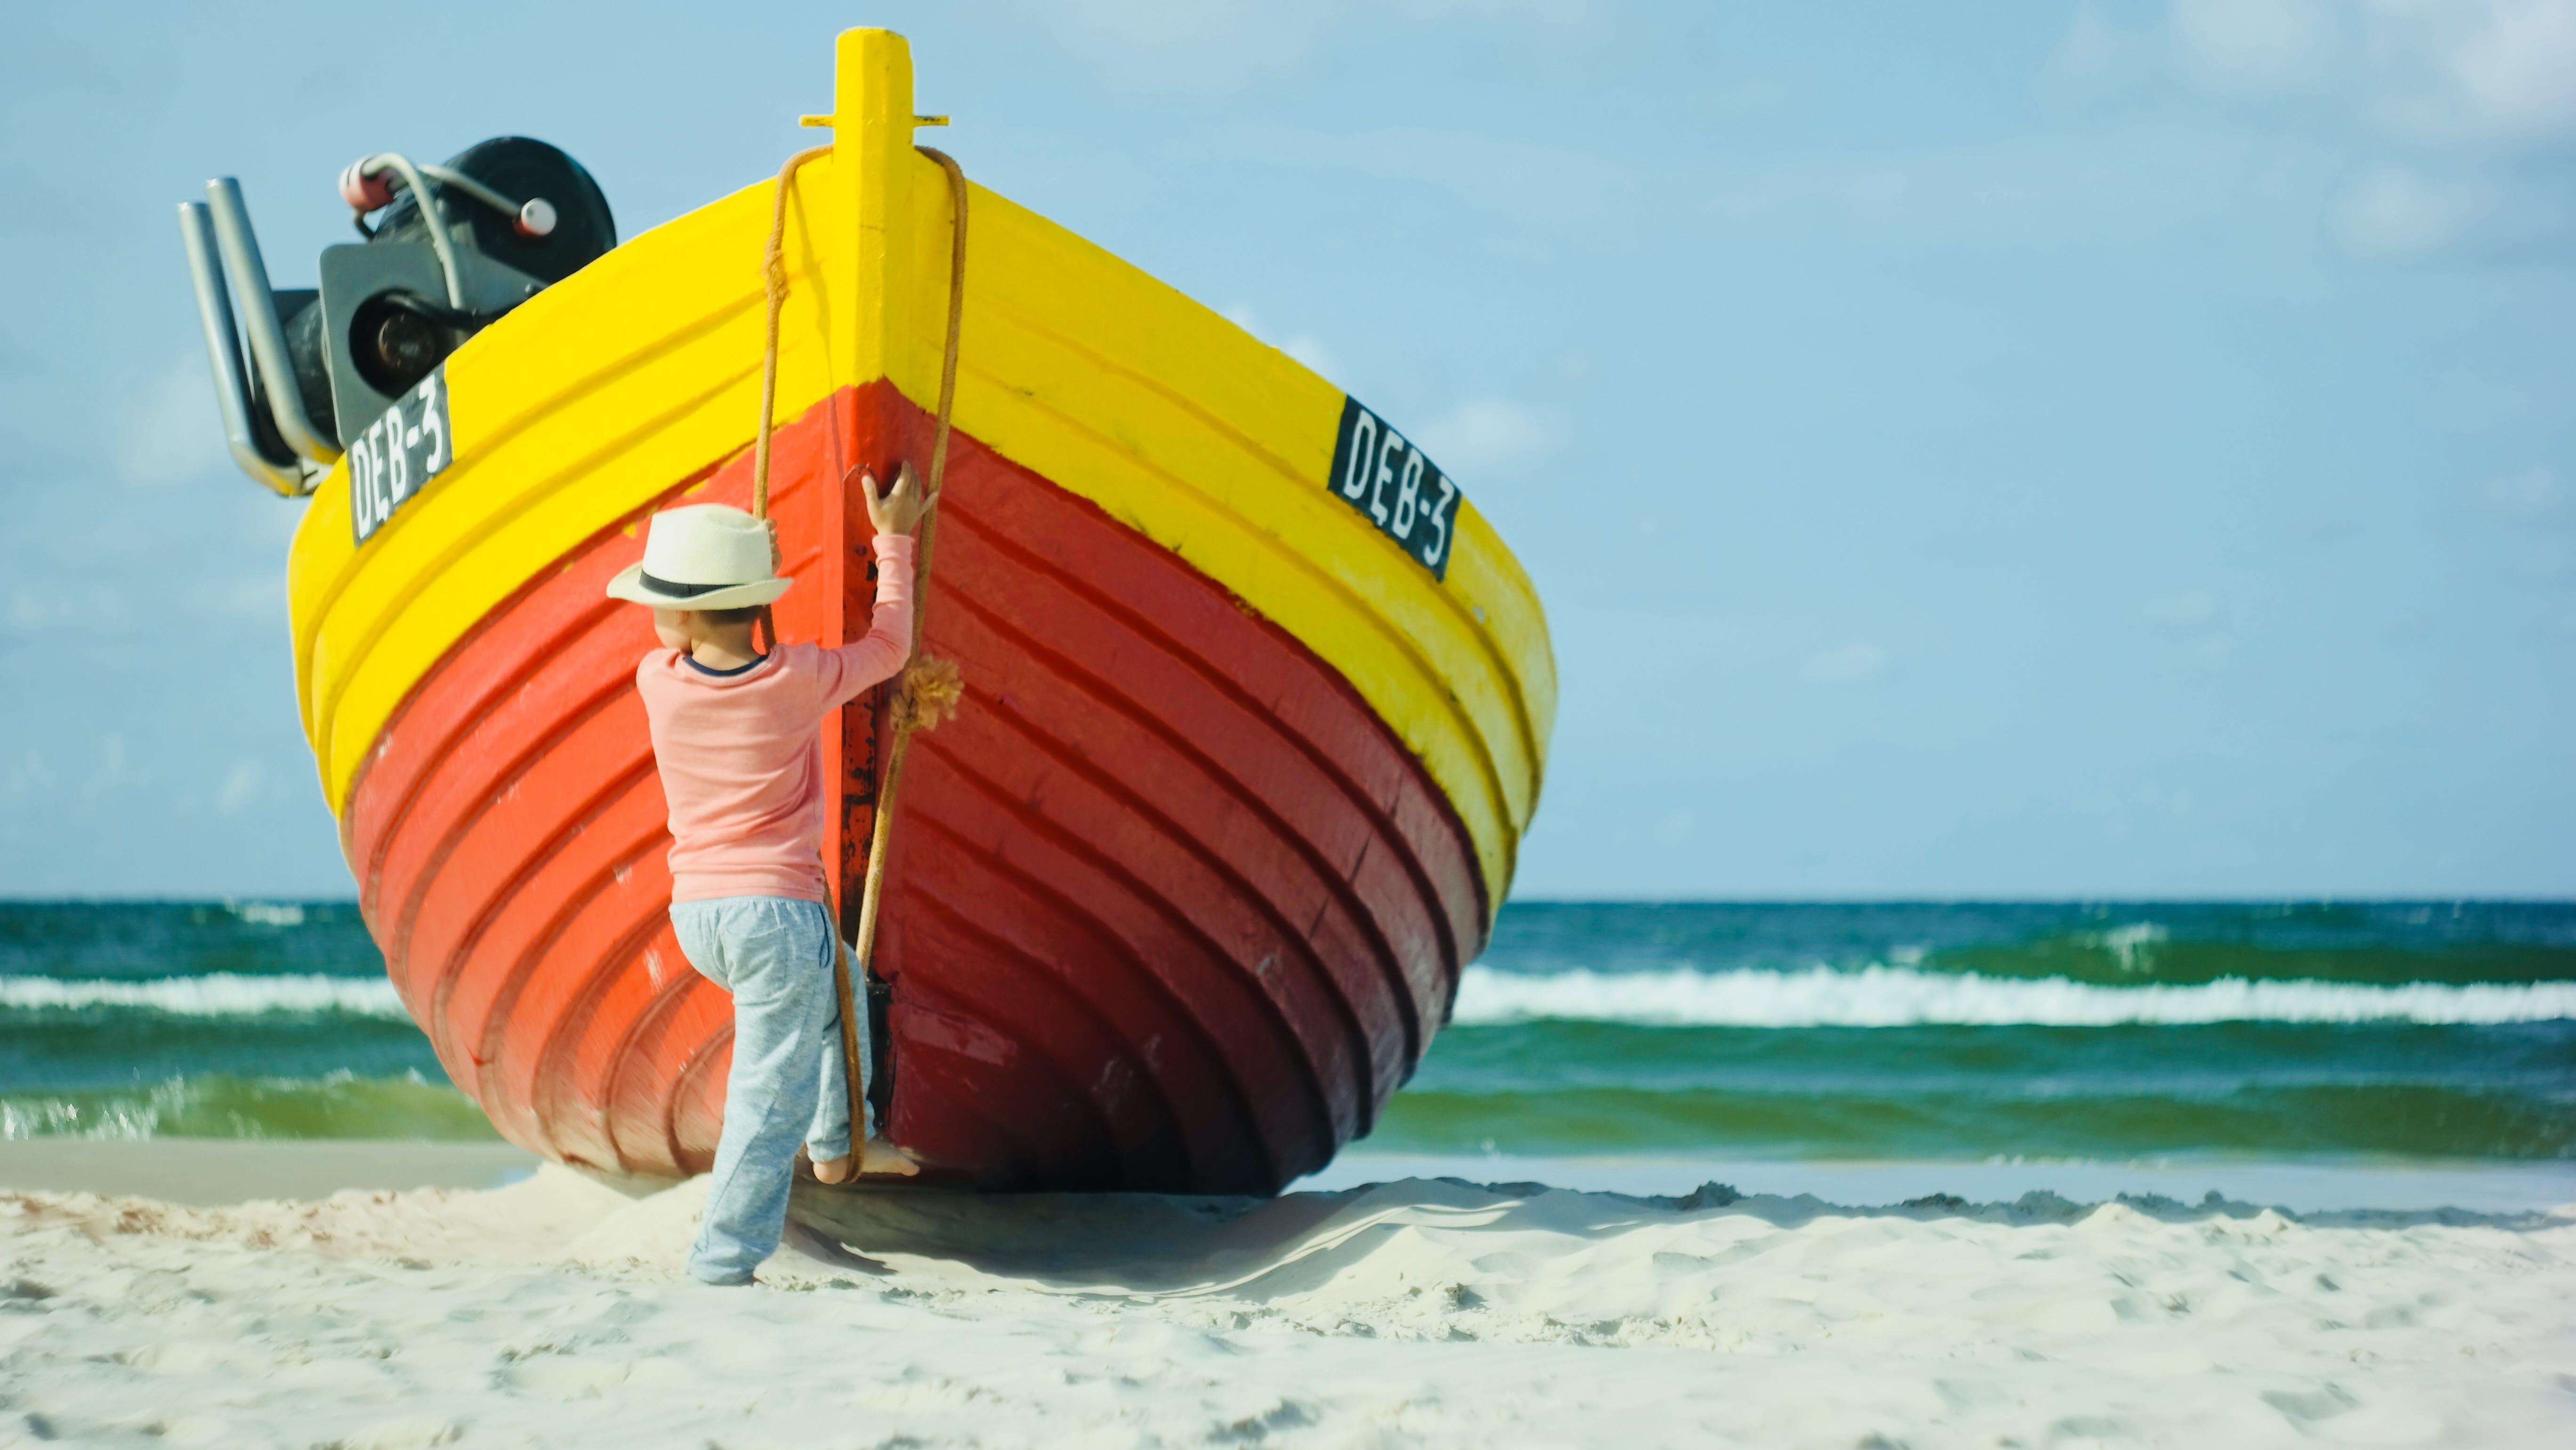 Free stock photo of sea, beach, holiday, vacation